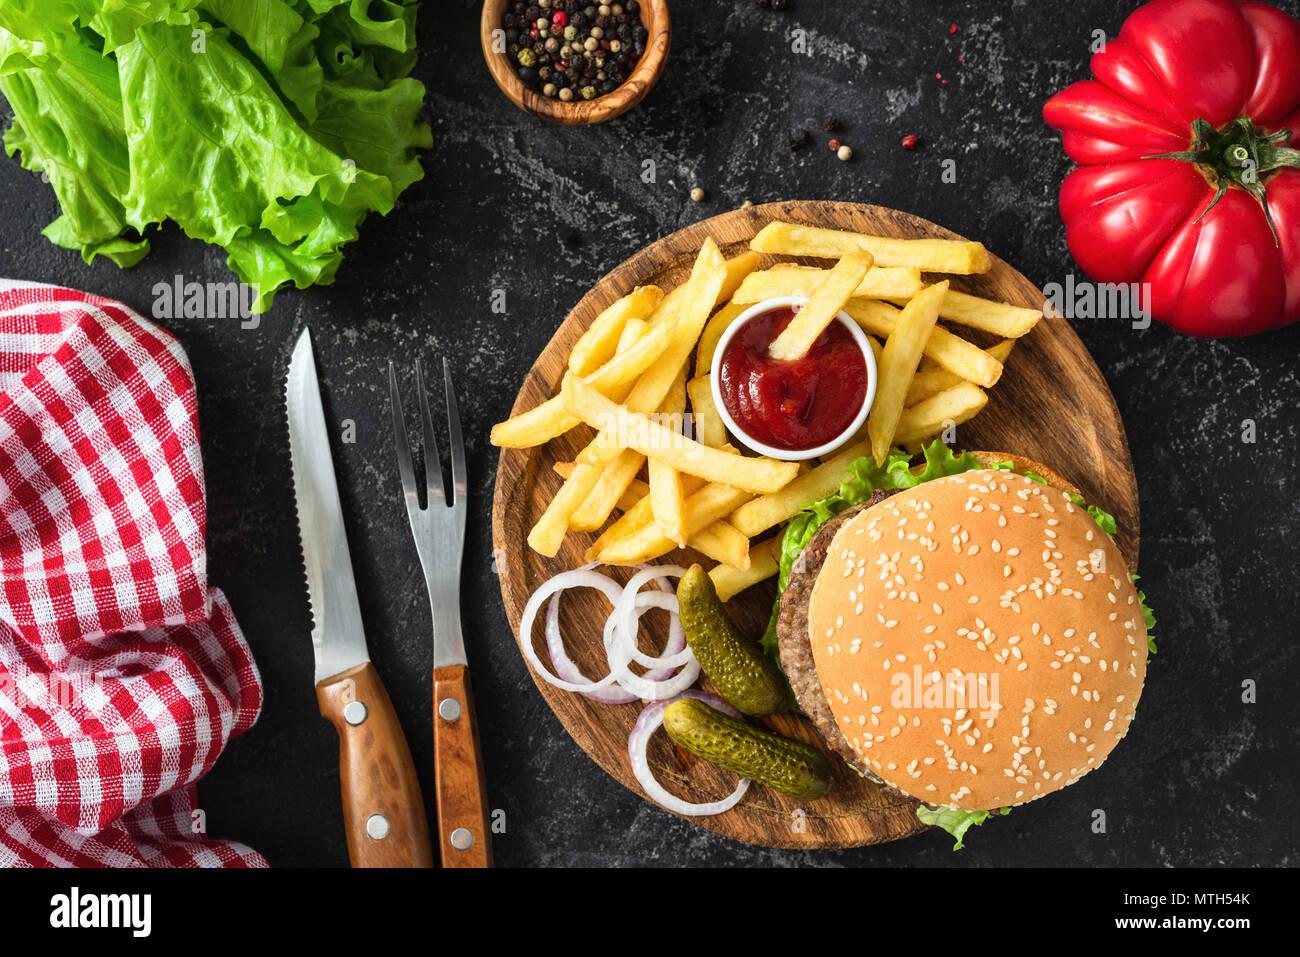 Hamburger di manzo con lattuga e pomodoro, patate fritte e ketchup su sfondo scuro. Tabella vista dall'alto. Il fast food, malsano concetto di mangiare Immagini Stock